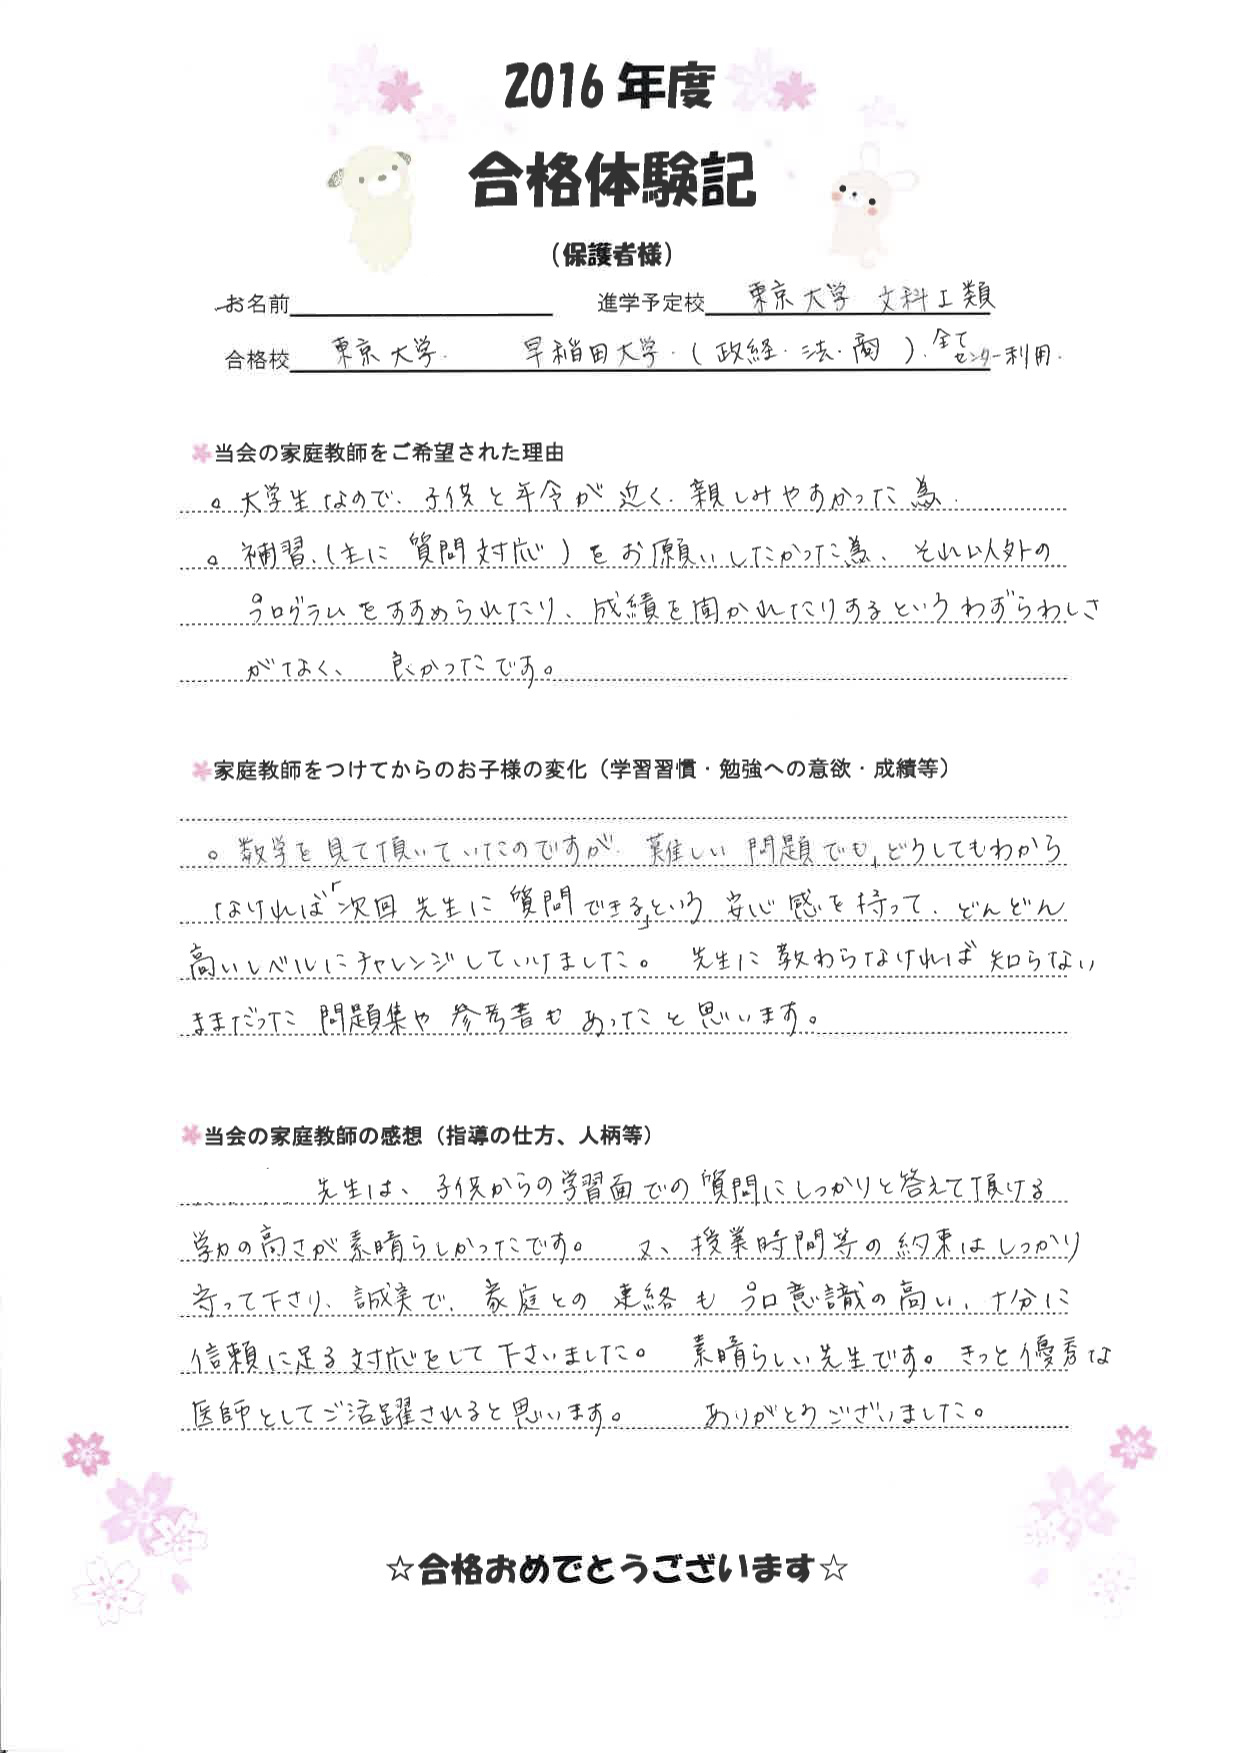 【加工済み】合格体験記1